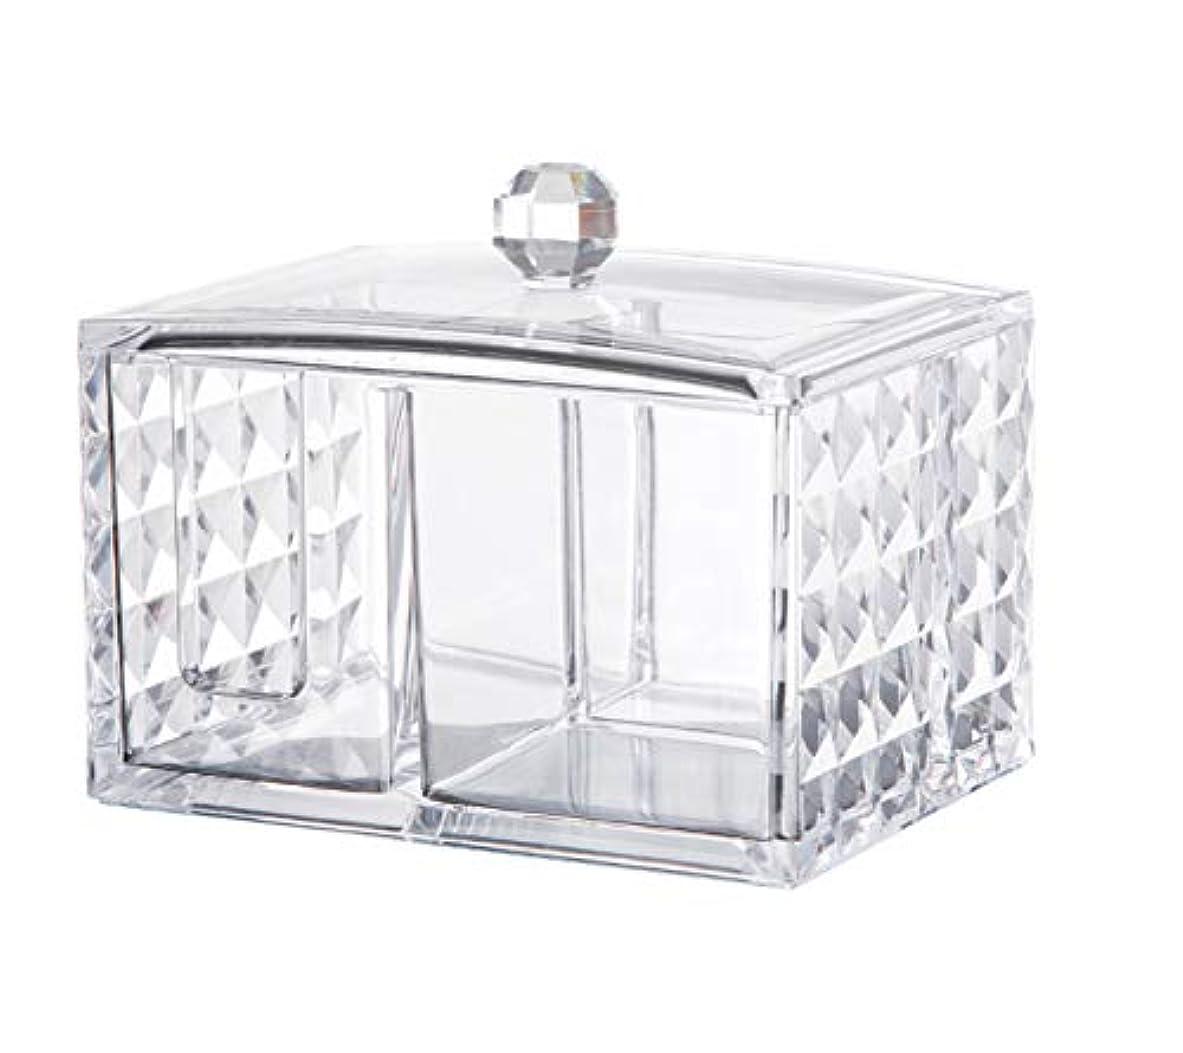 チェスをする駐地予約CUAFID アクリルケース コスメ収納ボックス コットン 綿棒 小物 メイクケース ジュエリーボックス 蓋付き アクリル製 透明 …